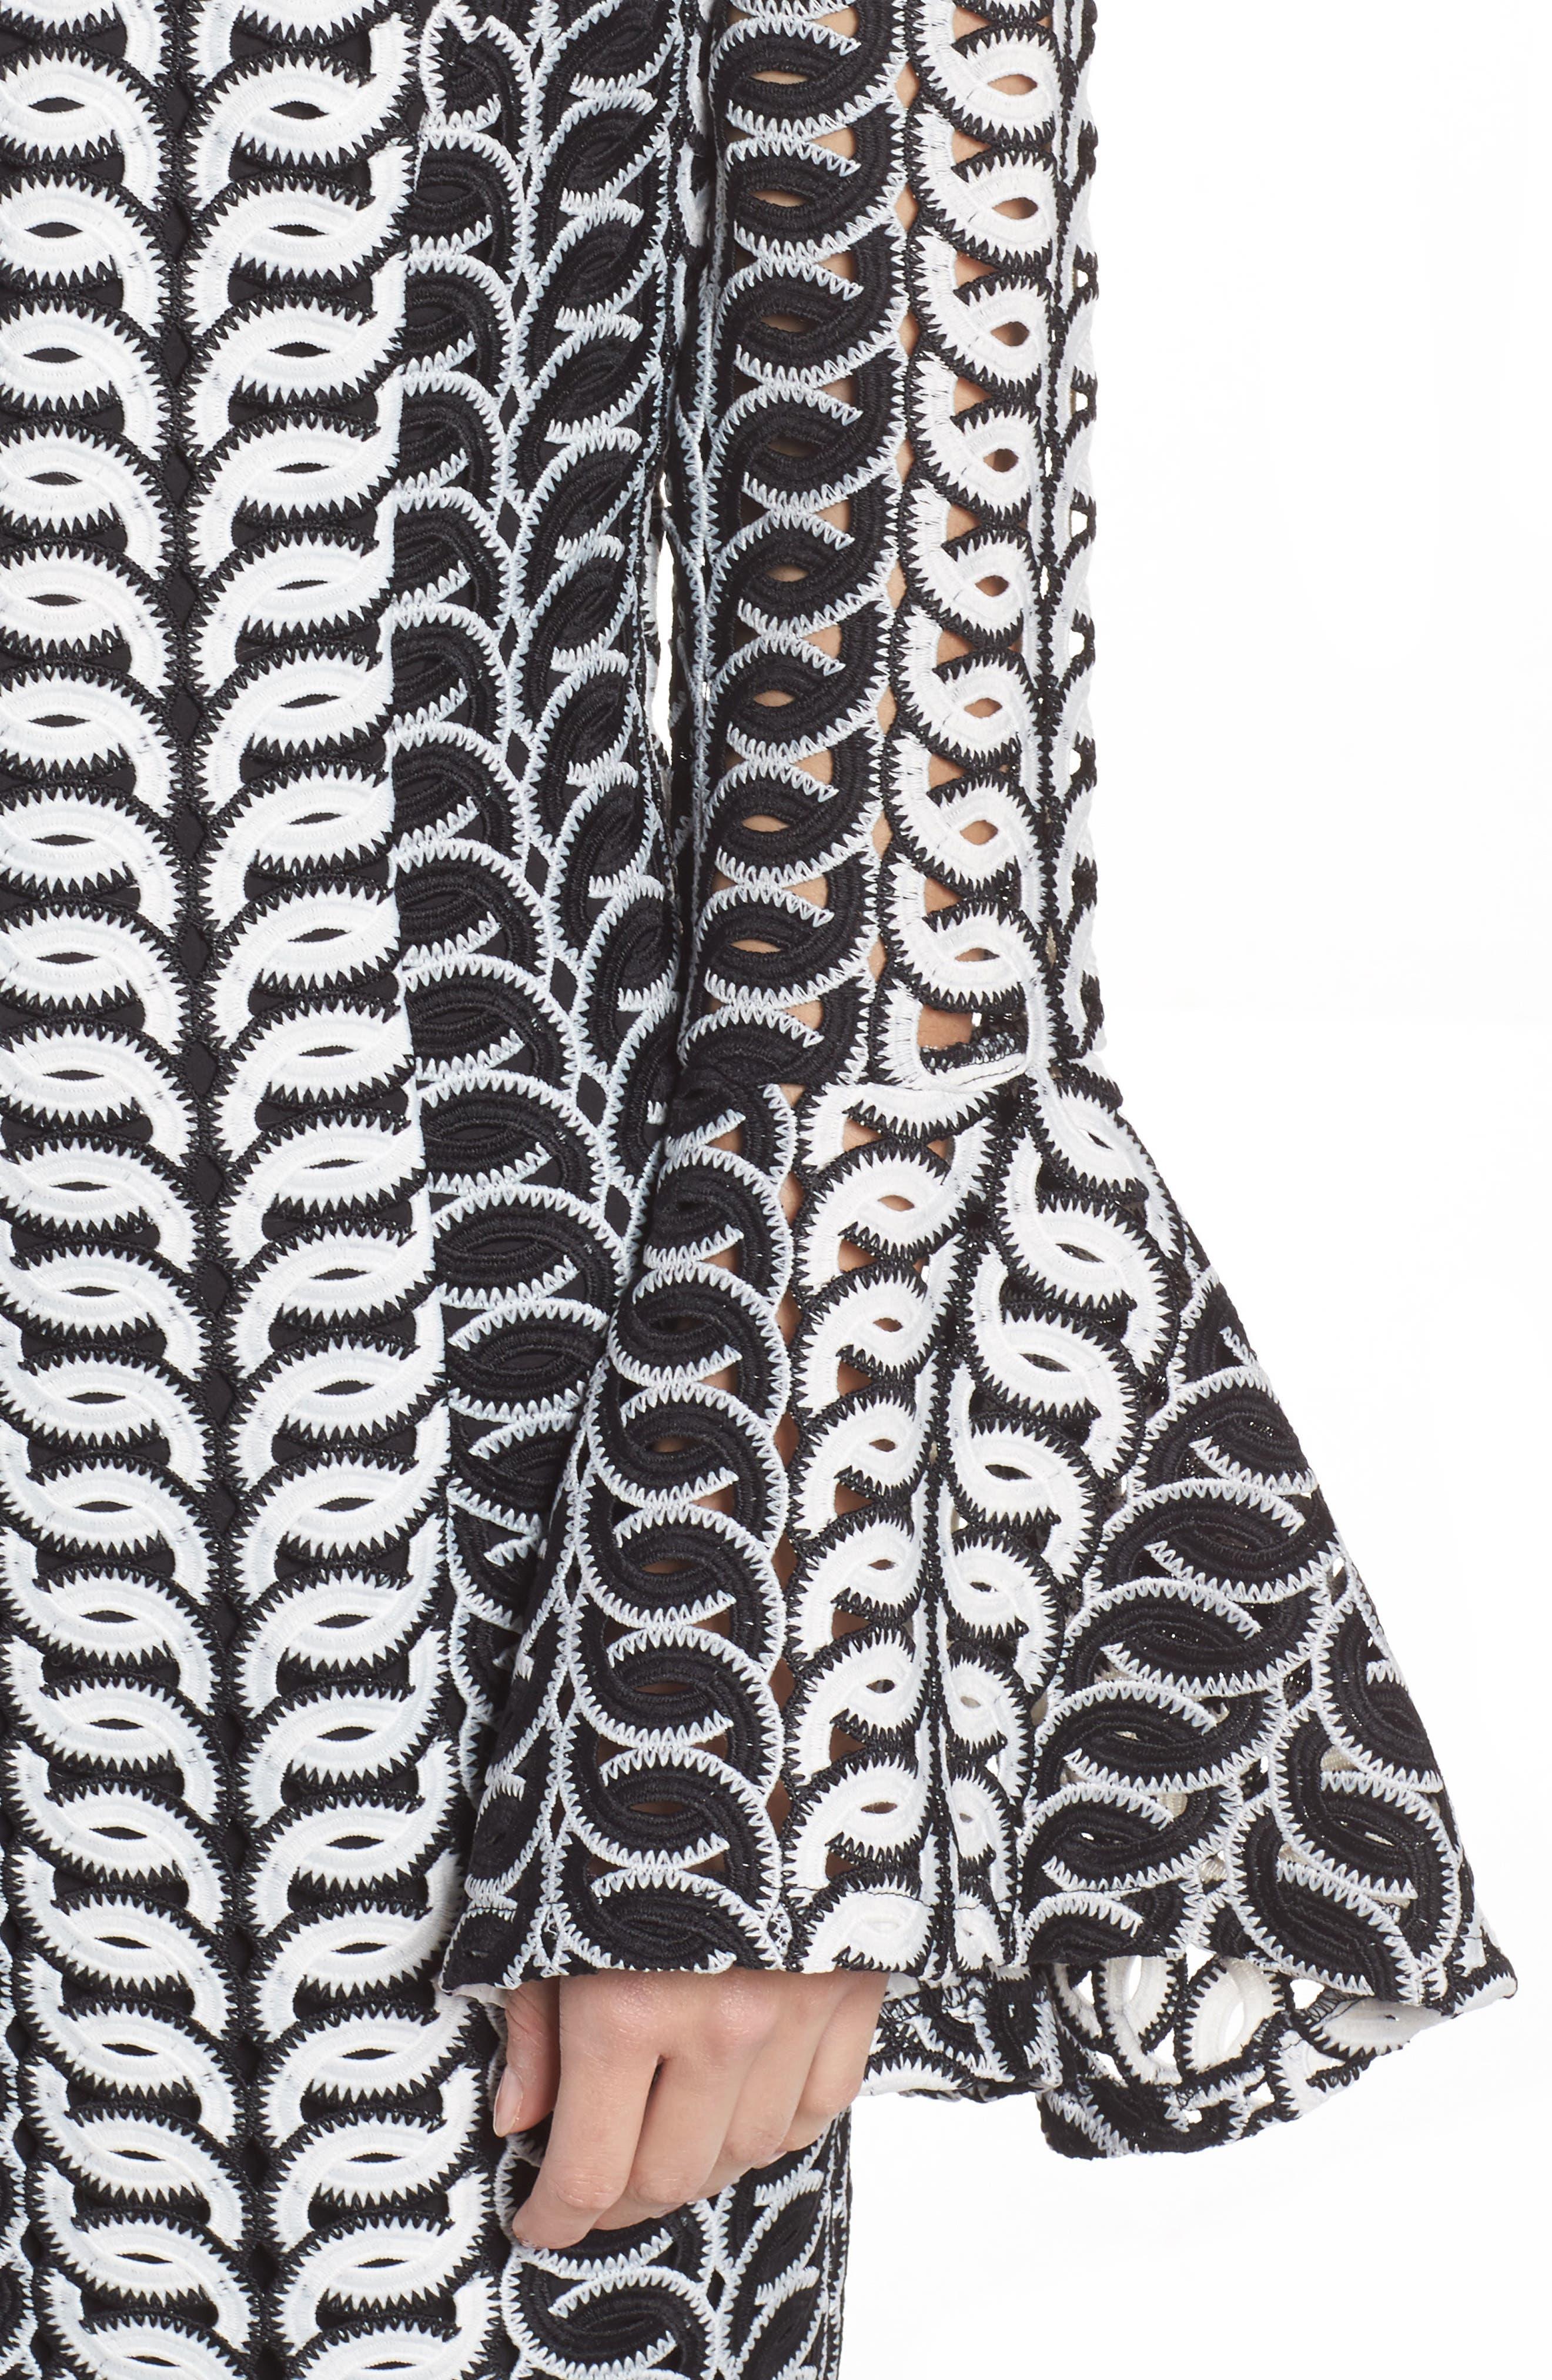 Chantelle Lace Off the Shoulder Dress,                             Alternate thumbnail 4, color,                             Multi